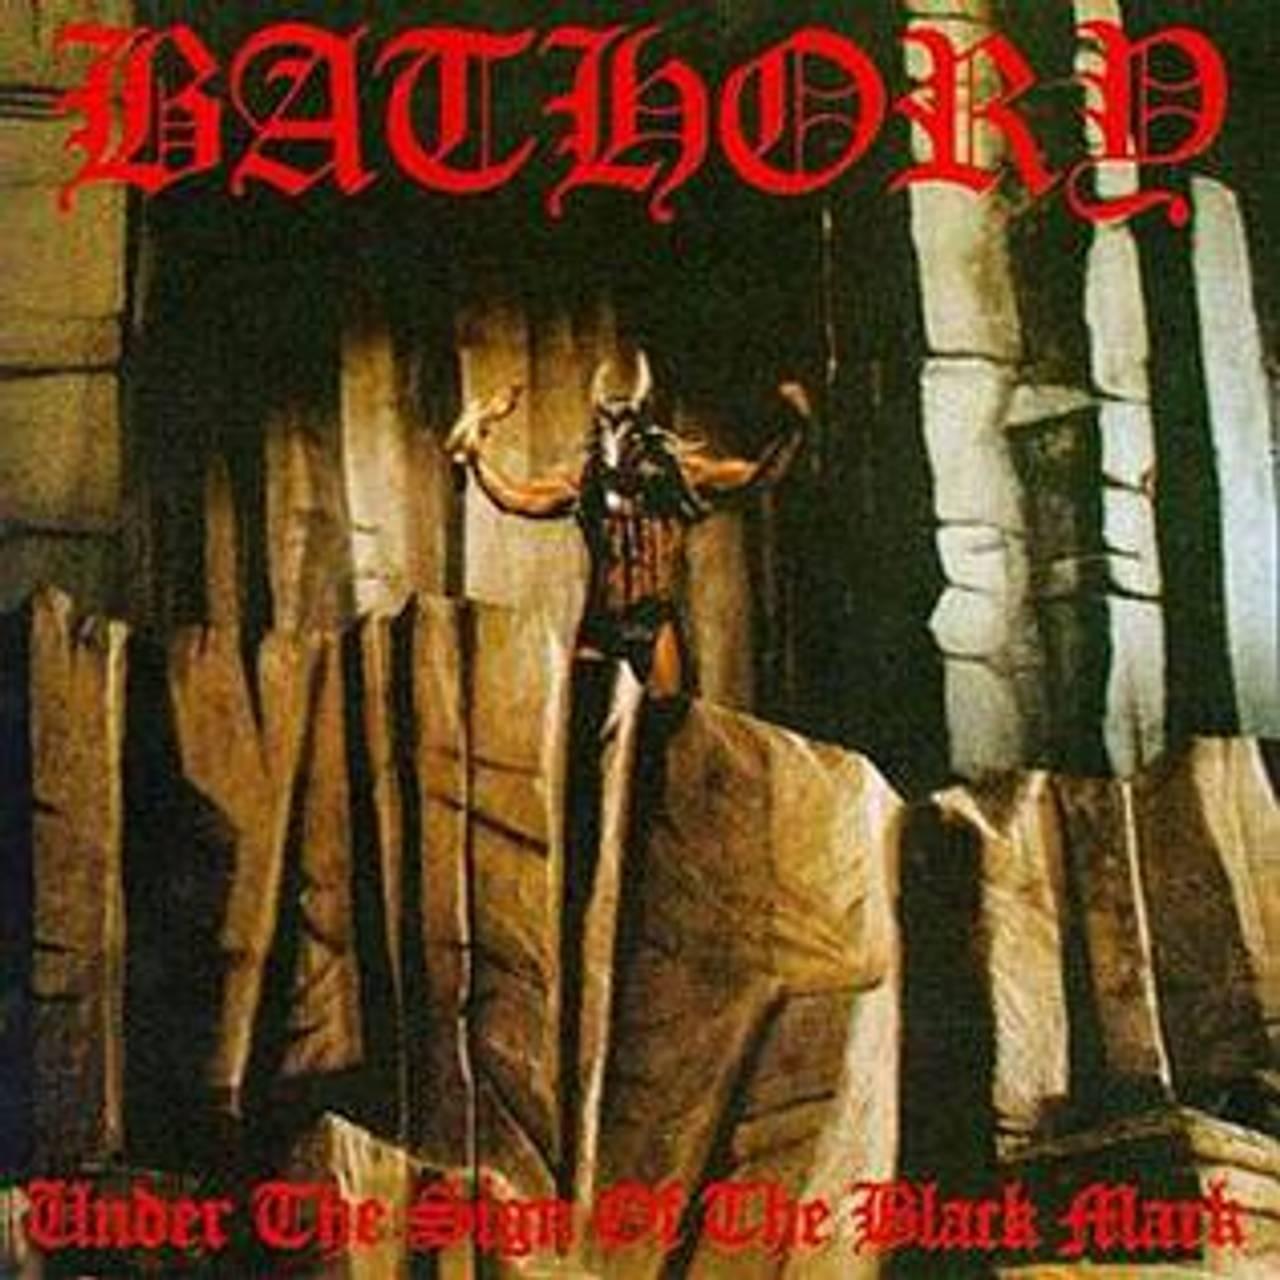 Coveret til Under the Sign of the Black Mark av Bathory. Coveret viser en mann med geitehode som står på en fjell-hylle med armene hevet over hodet.